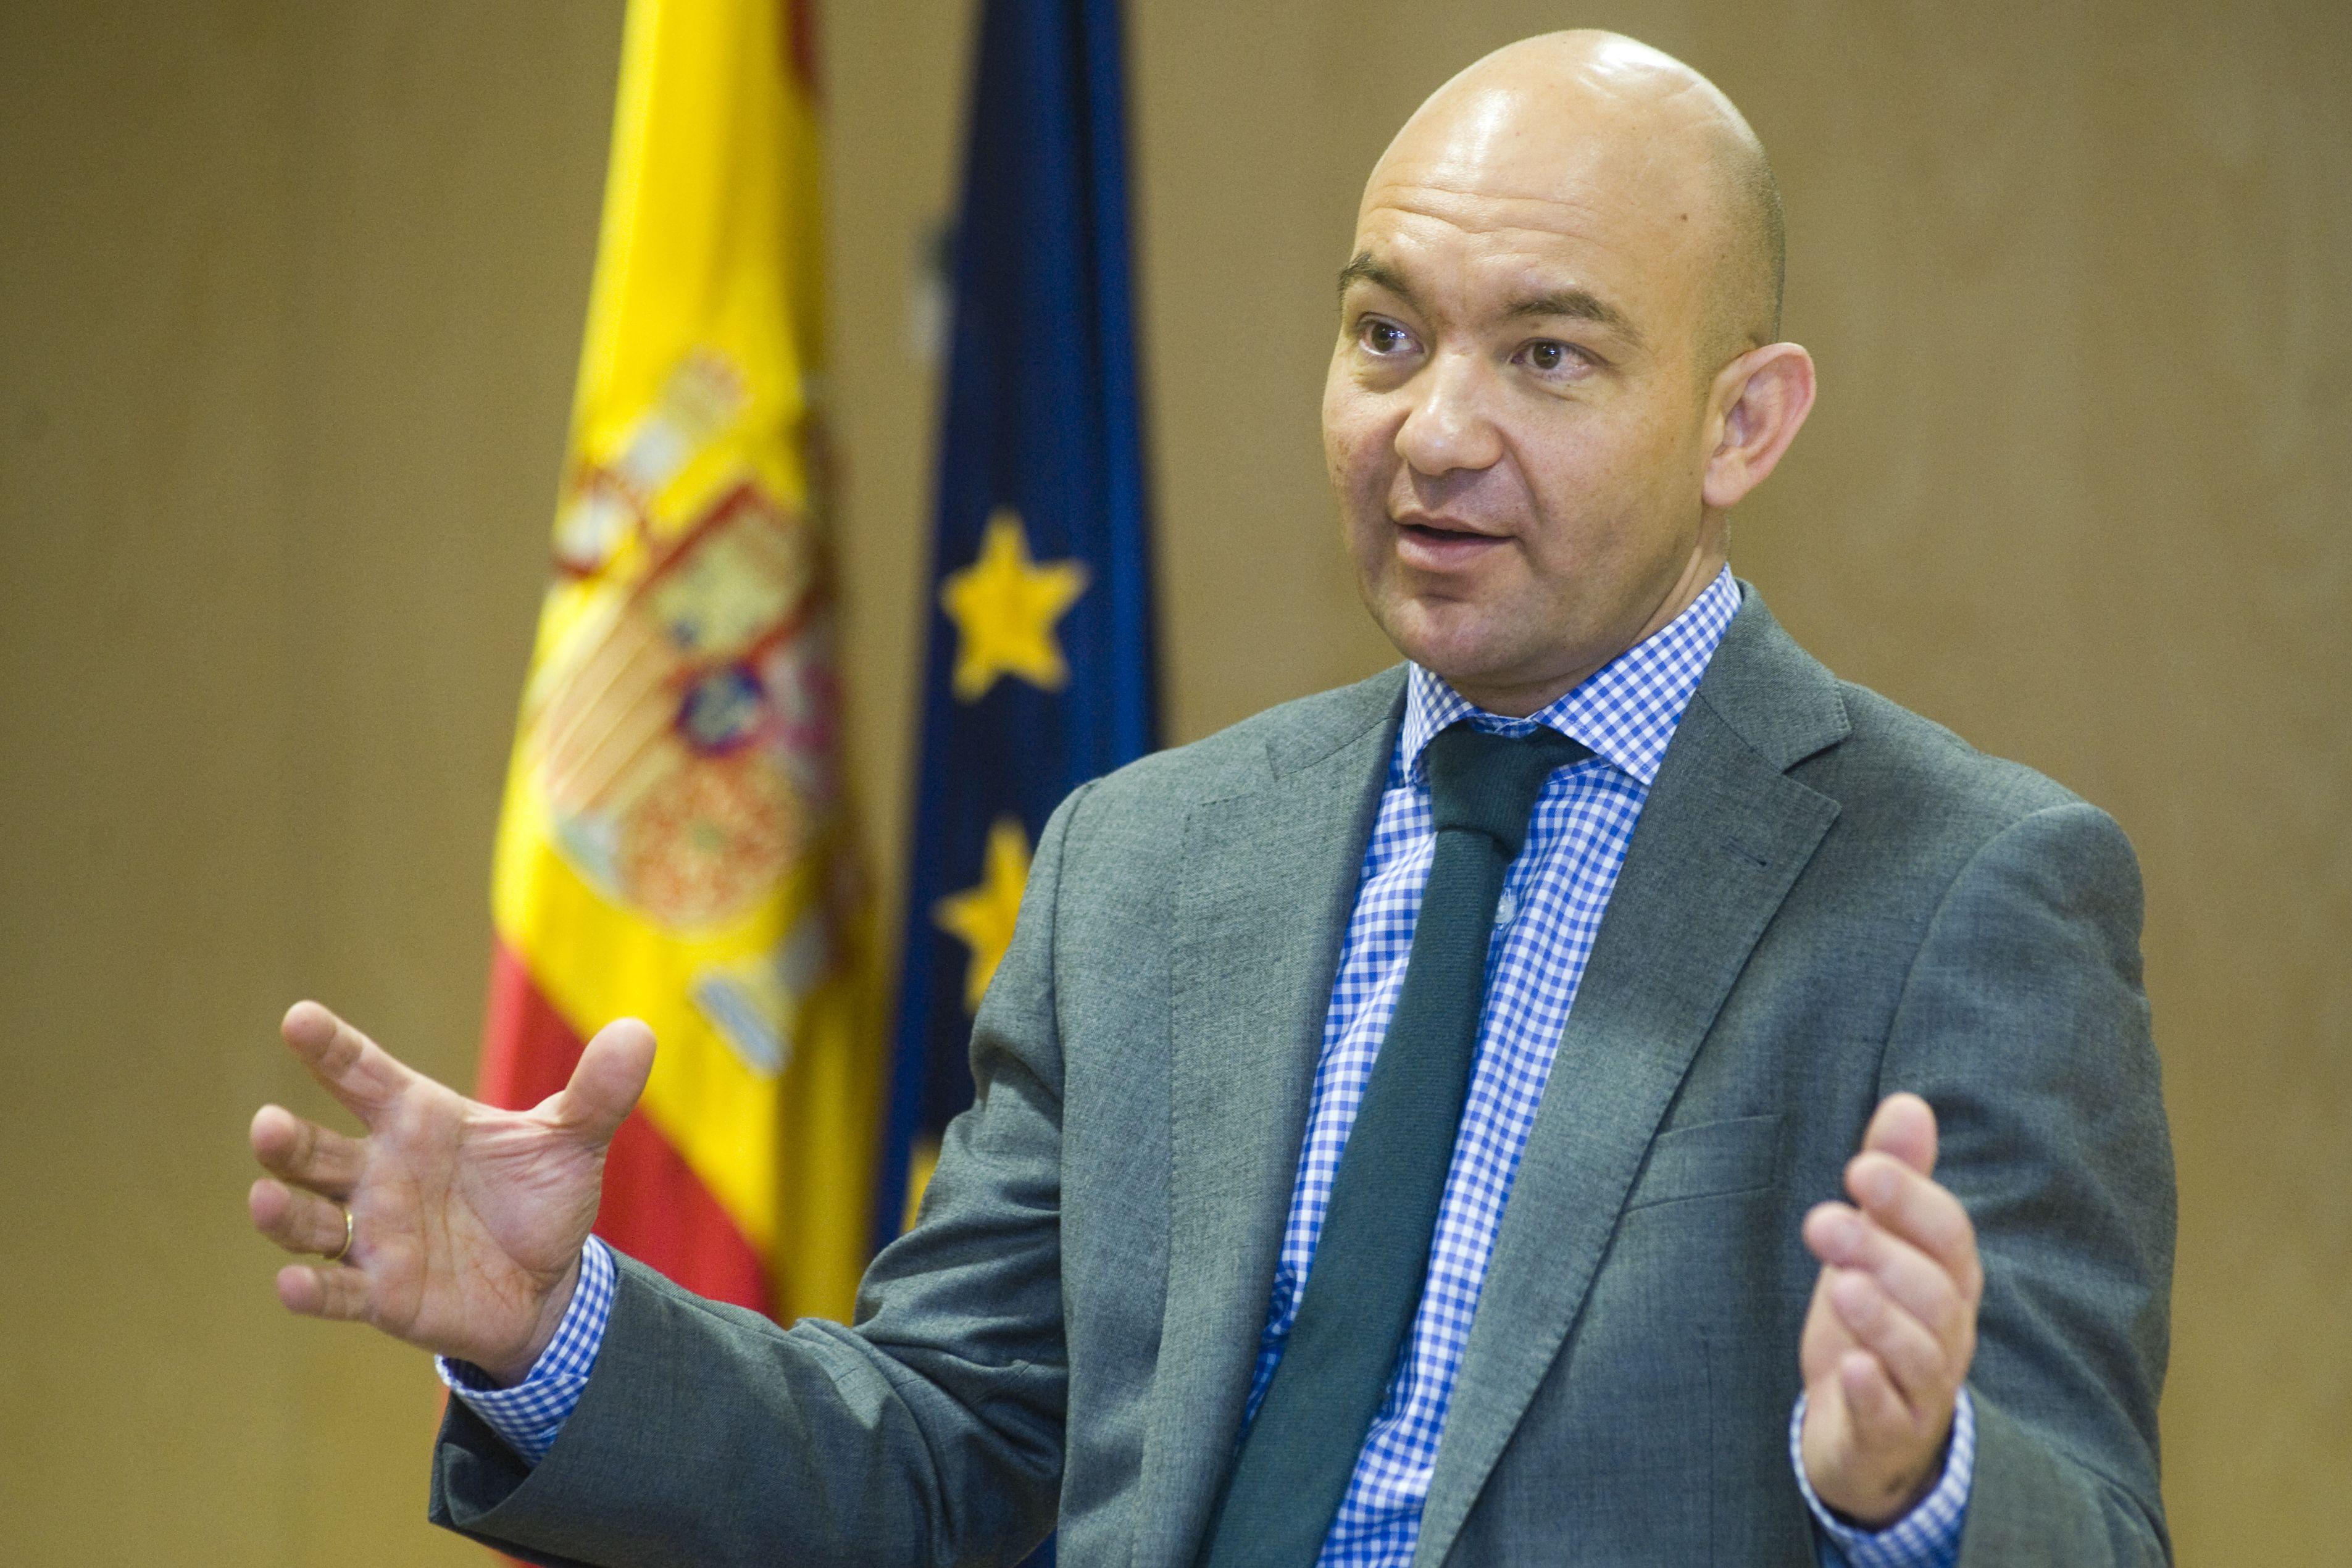 Foto - Jaime García-Legaz, Secretario de Estado de Comercio, disertará en EUDE Business School sobre internacionalización y exportación